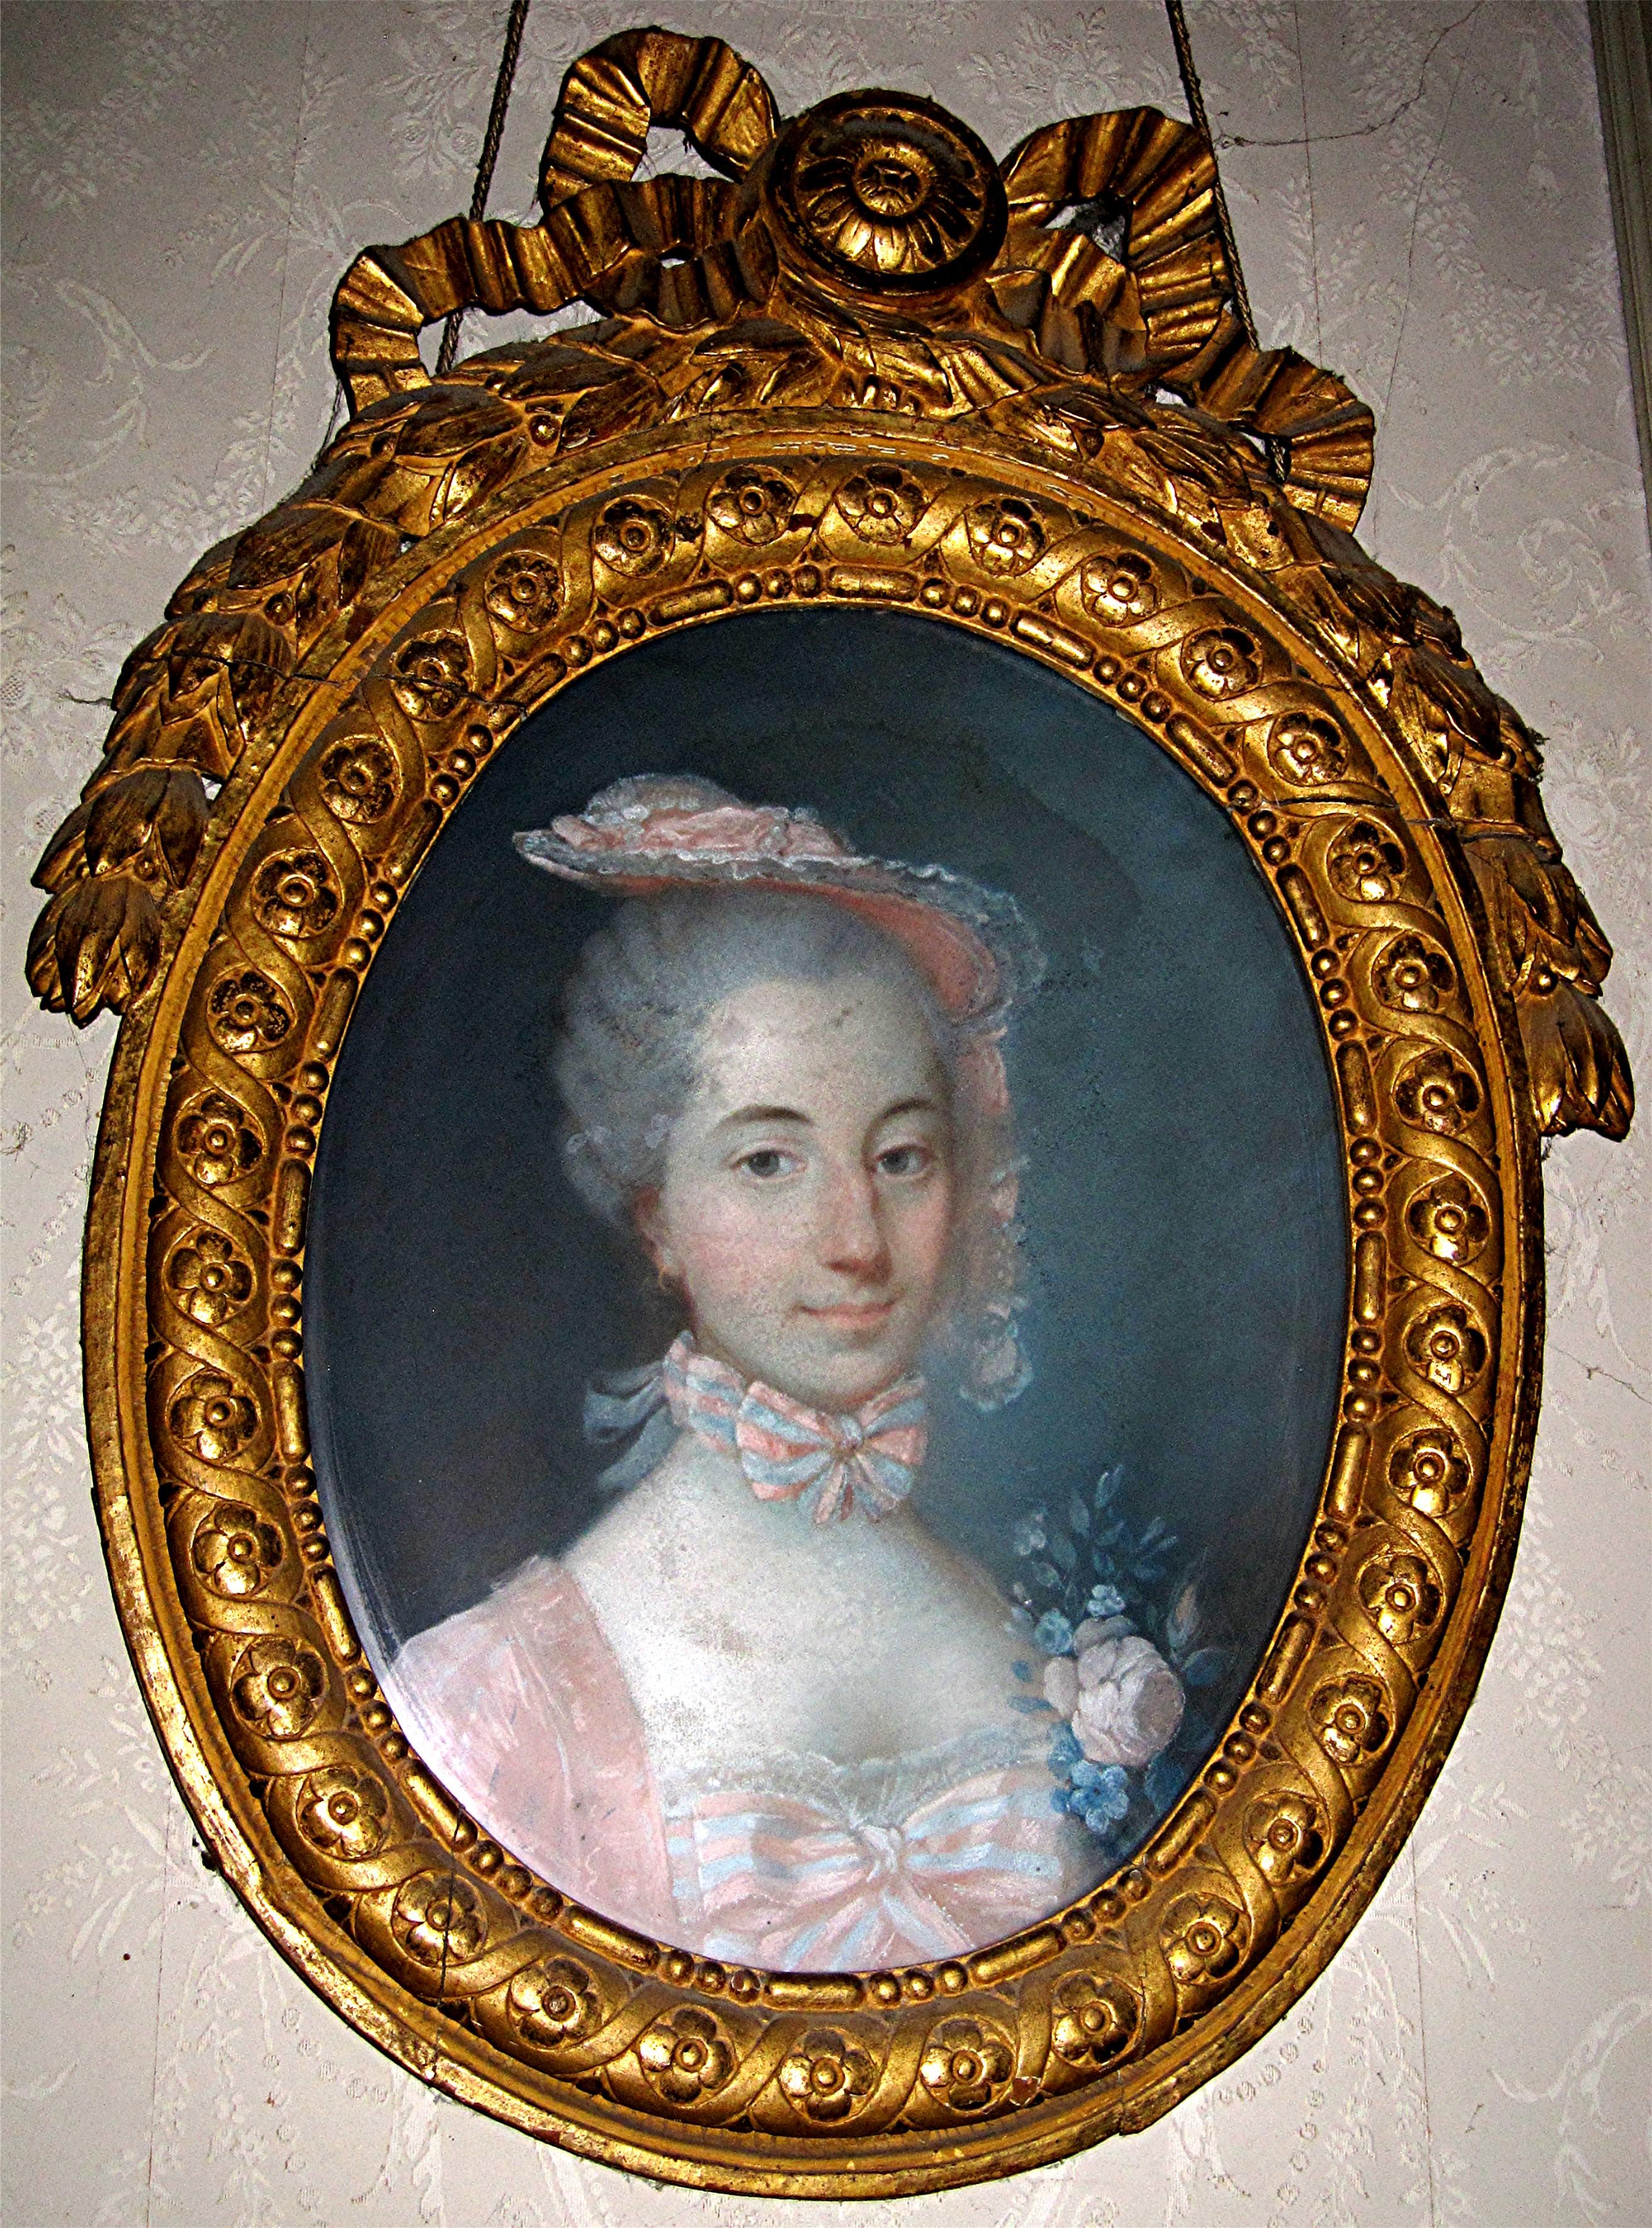 Tableau et son cadre : portrait de Marie-Anne-Renée-Jacqueline Grandhomme de Gizeux, duchesse de Brancas-Céreste